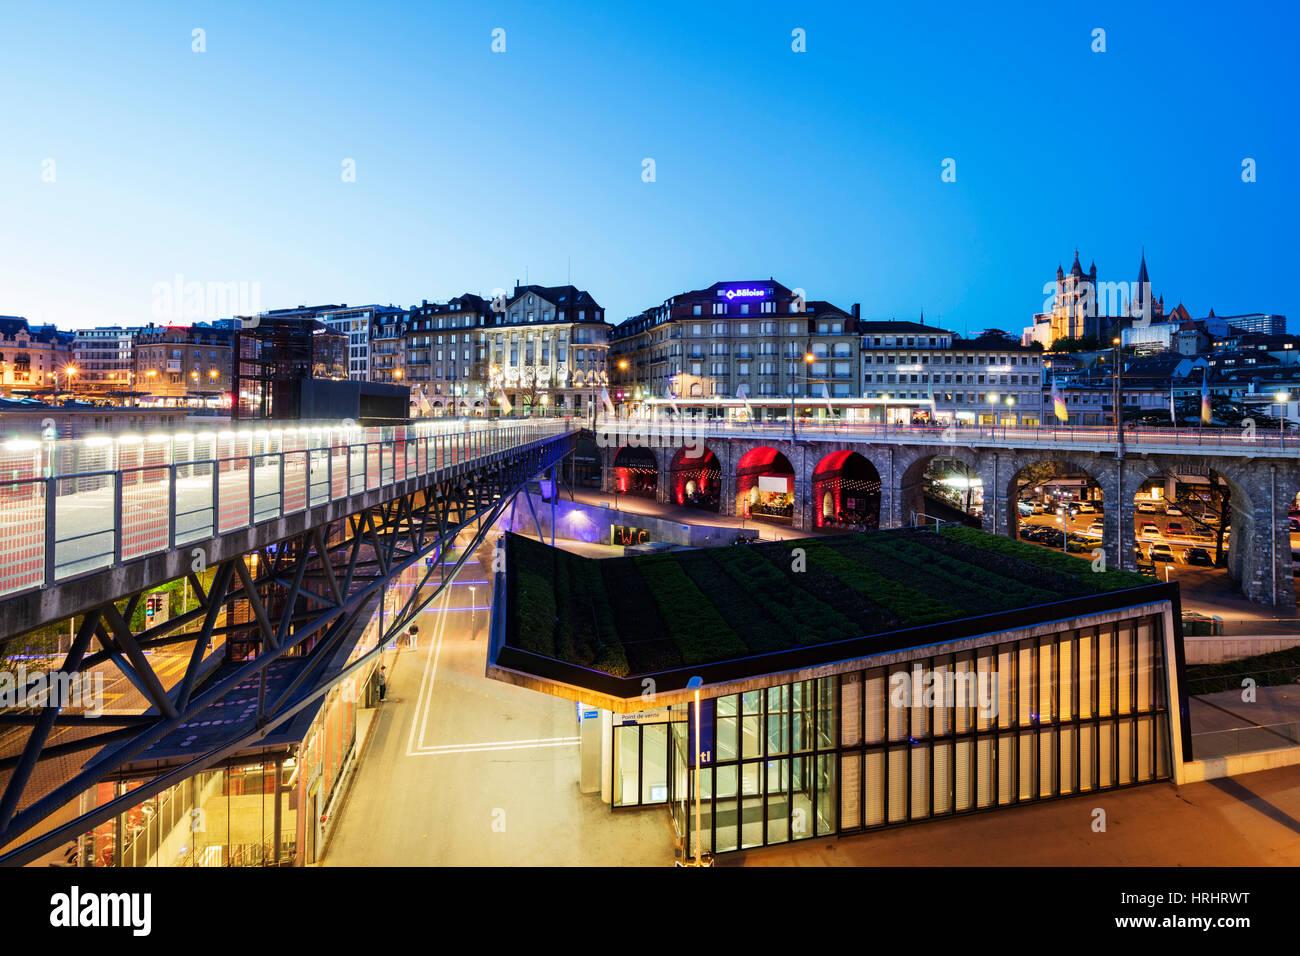 Centre-ville viaduc, Lausanne, Vaud, Suisse Photo Stock